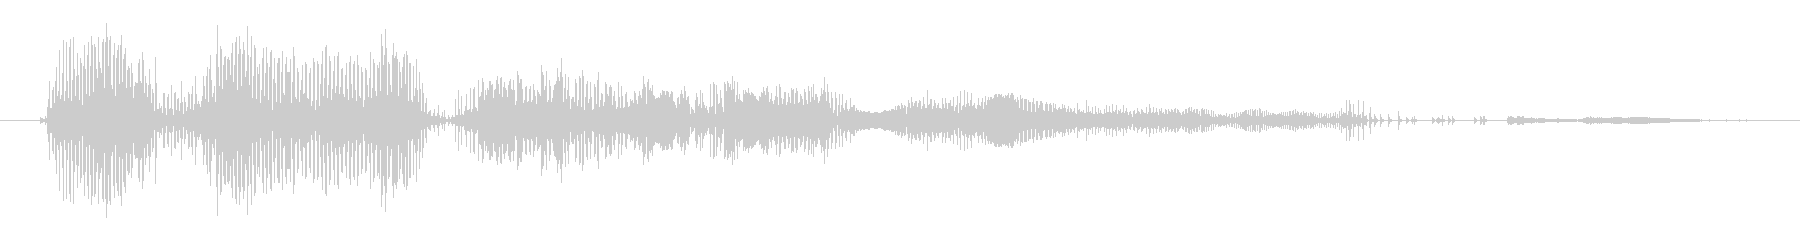 モンスター デススクリームハイ03の未再生の波形